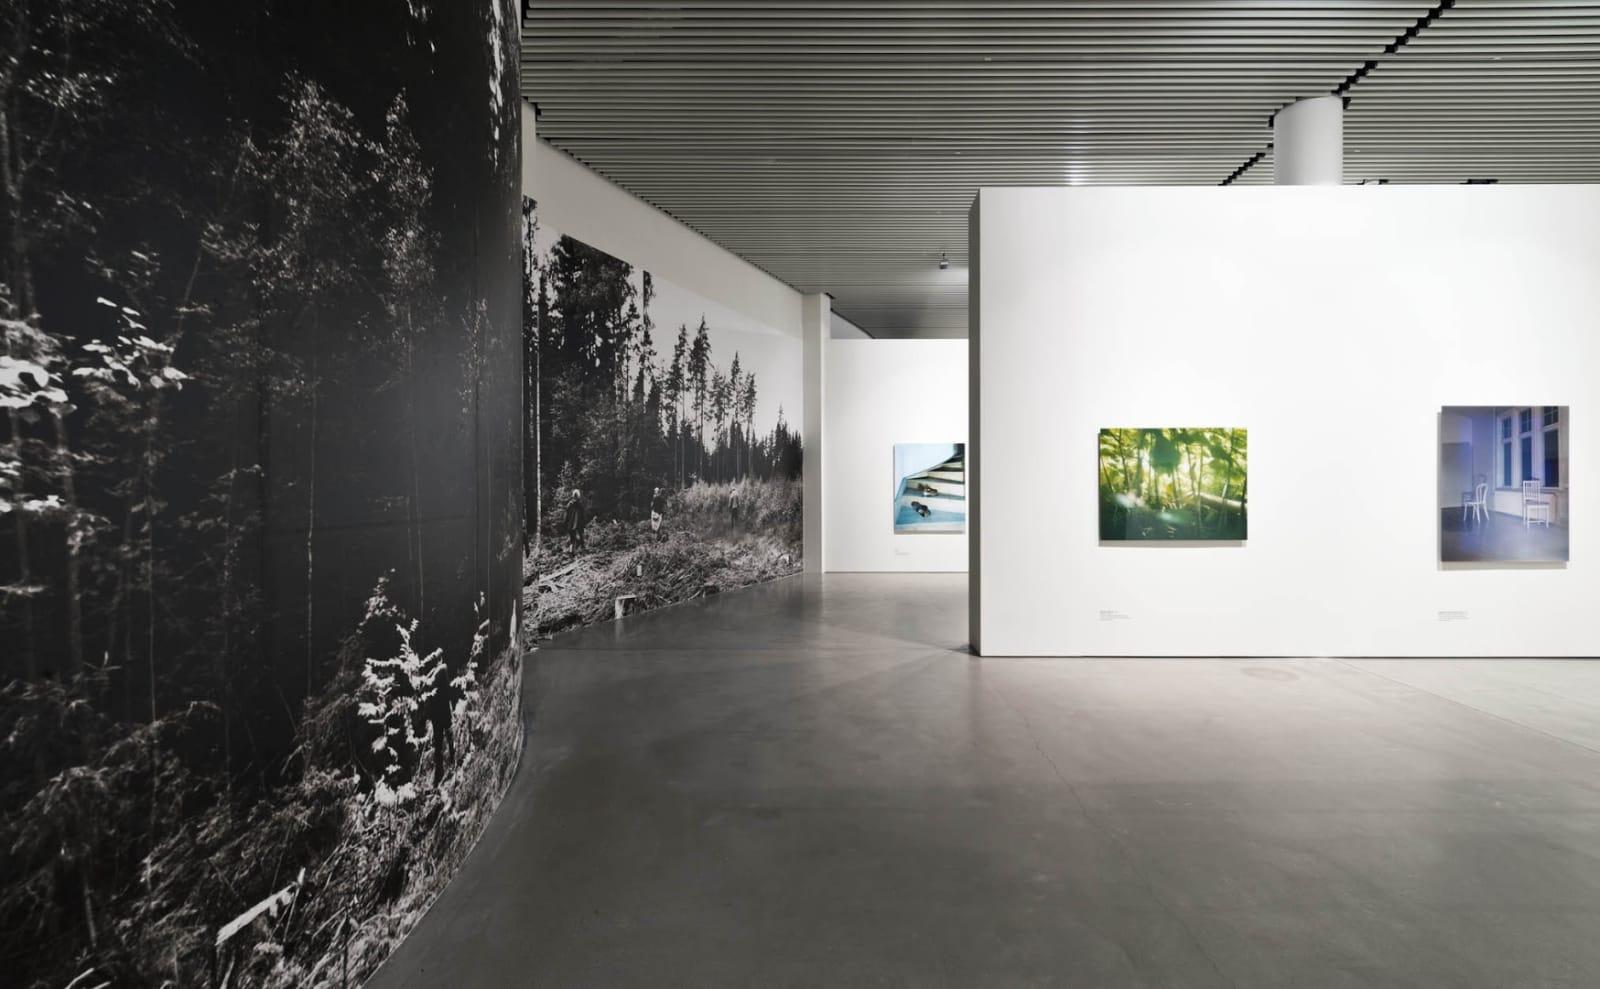 Annika von Hausswolff Installation view 'Annika von Hausswolf - It all ends with a new beginning' at ARoS Aarhus Kunstmuseum, Aarhus, Denmark, 2013